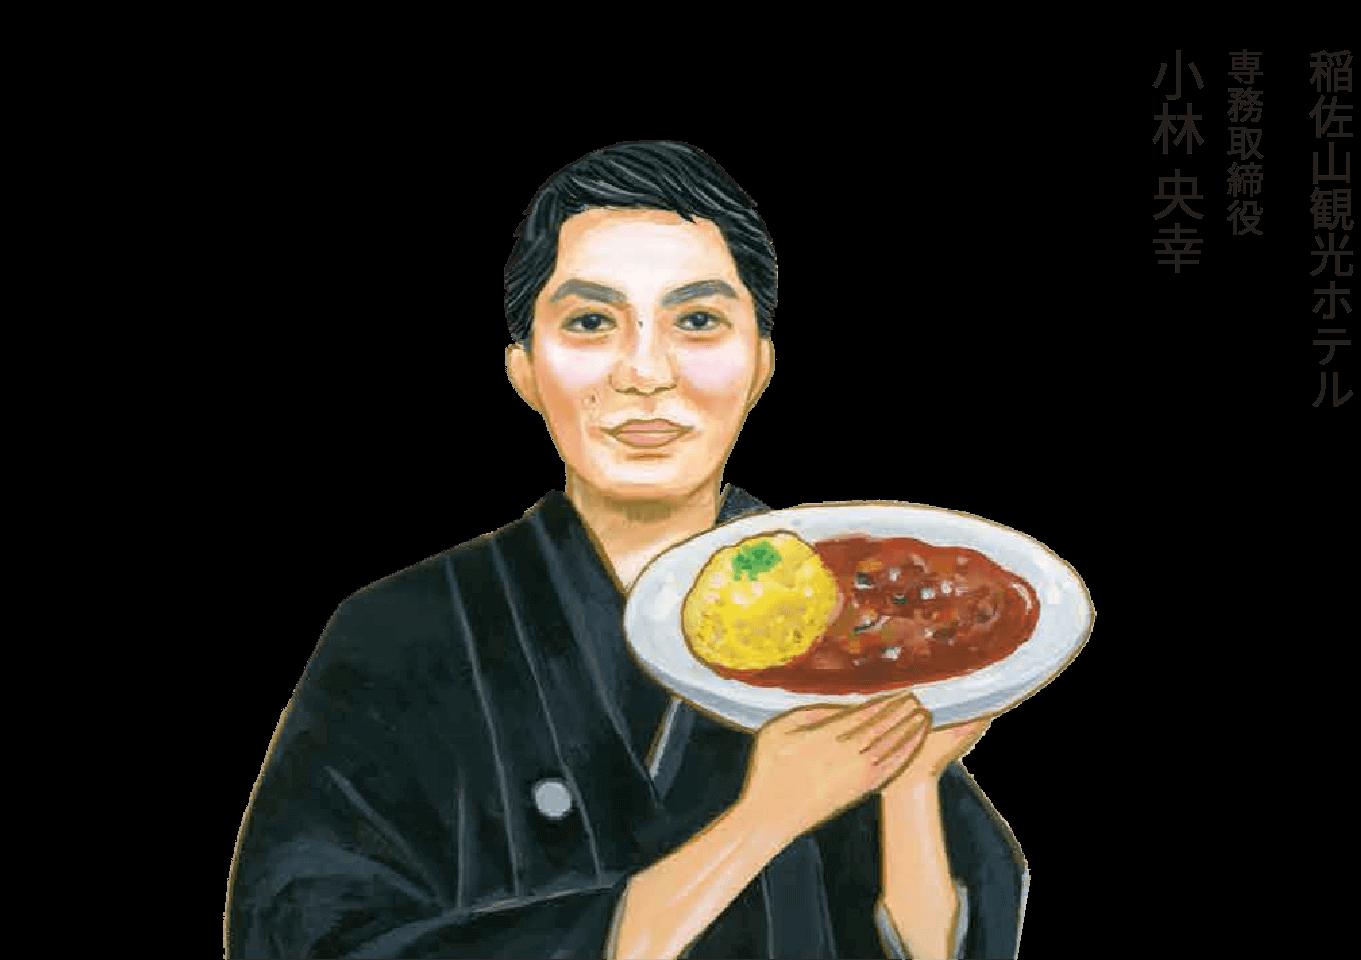 稲佐山観光ホテル 専務取締役 小林 央幸